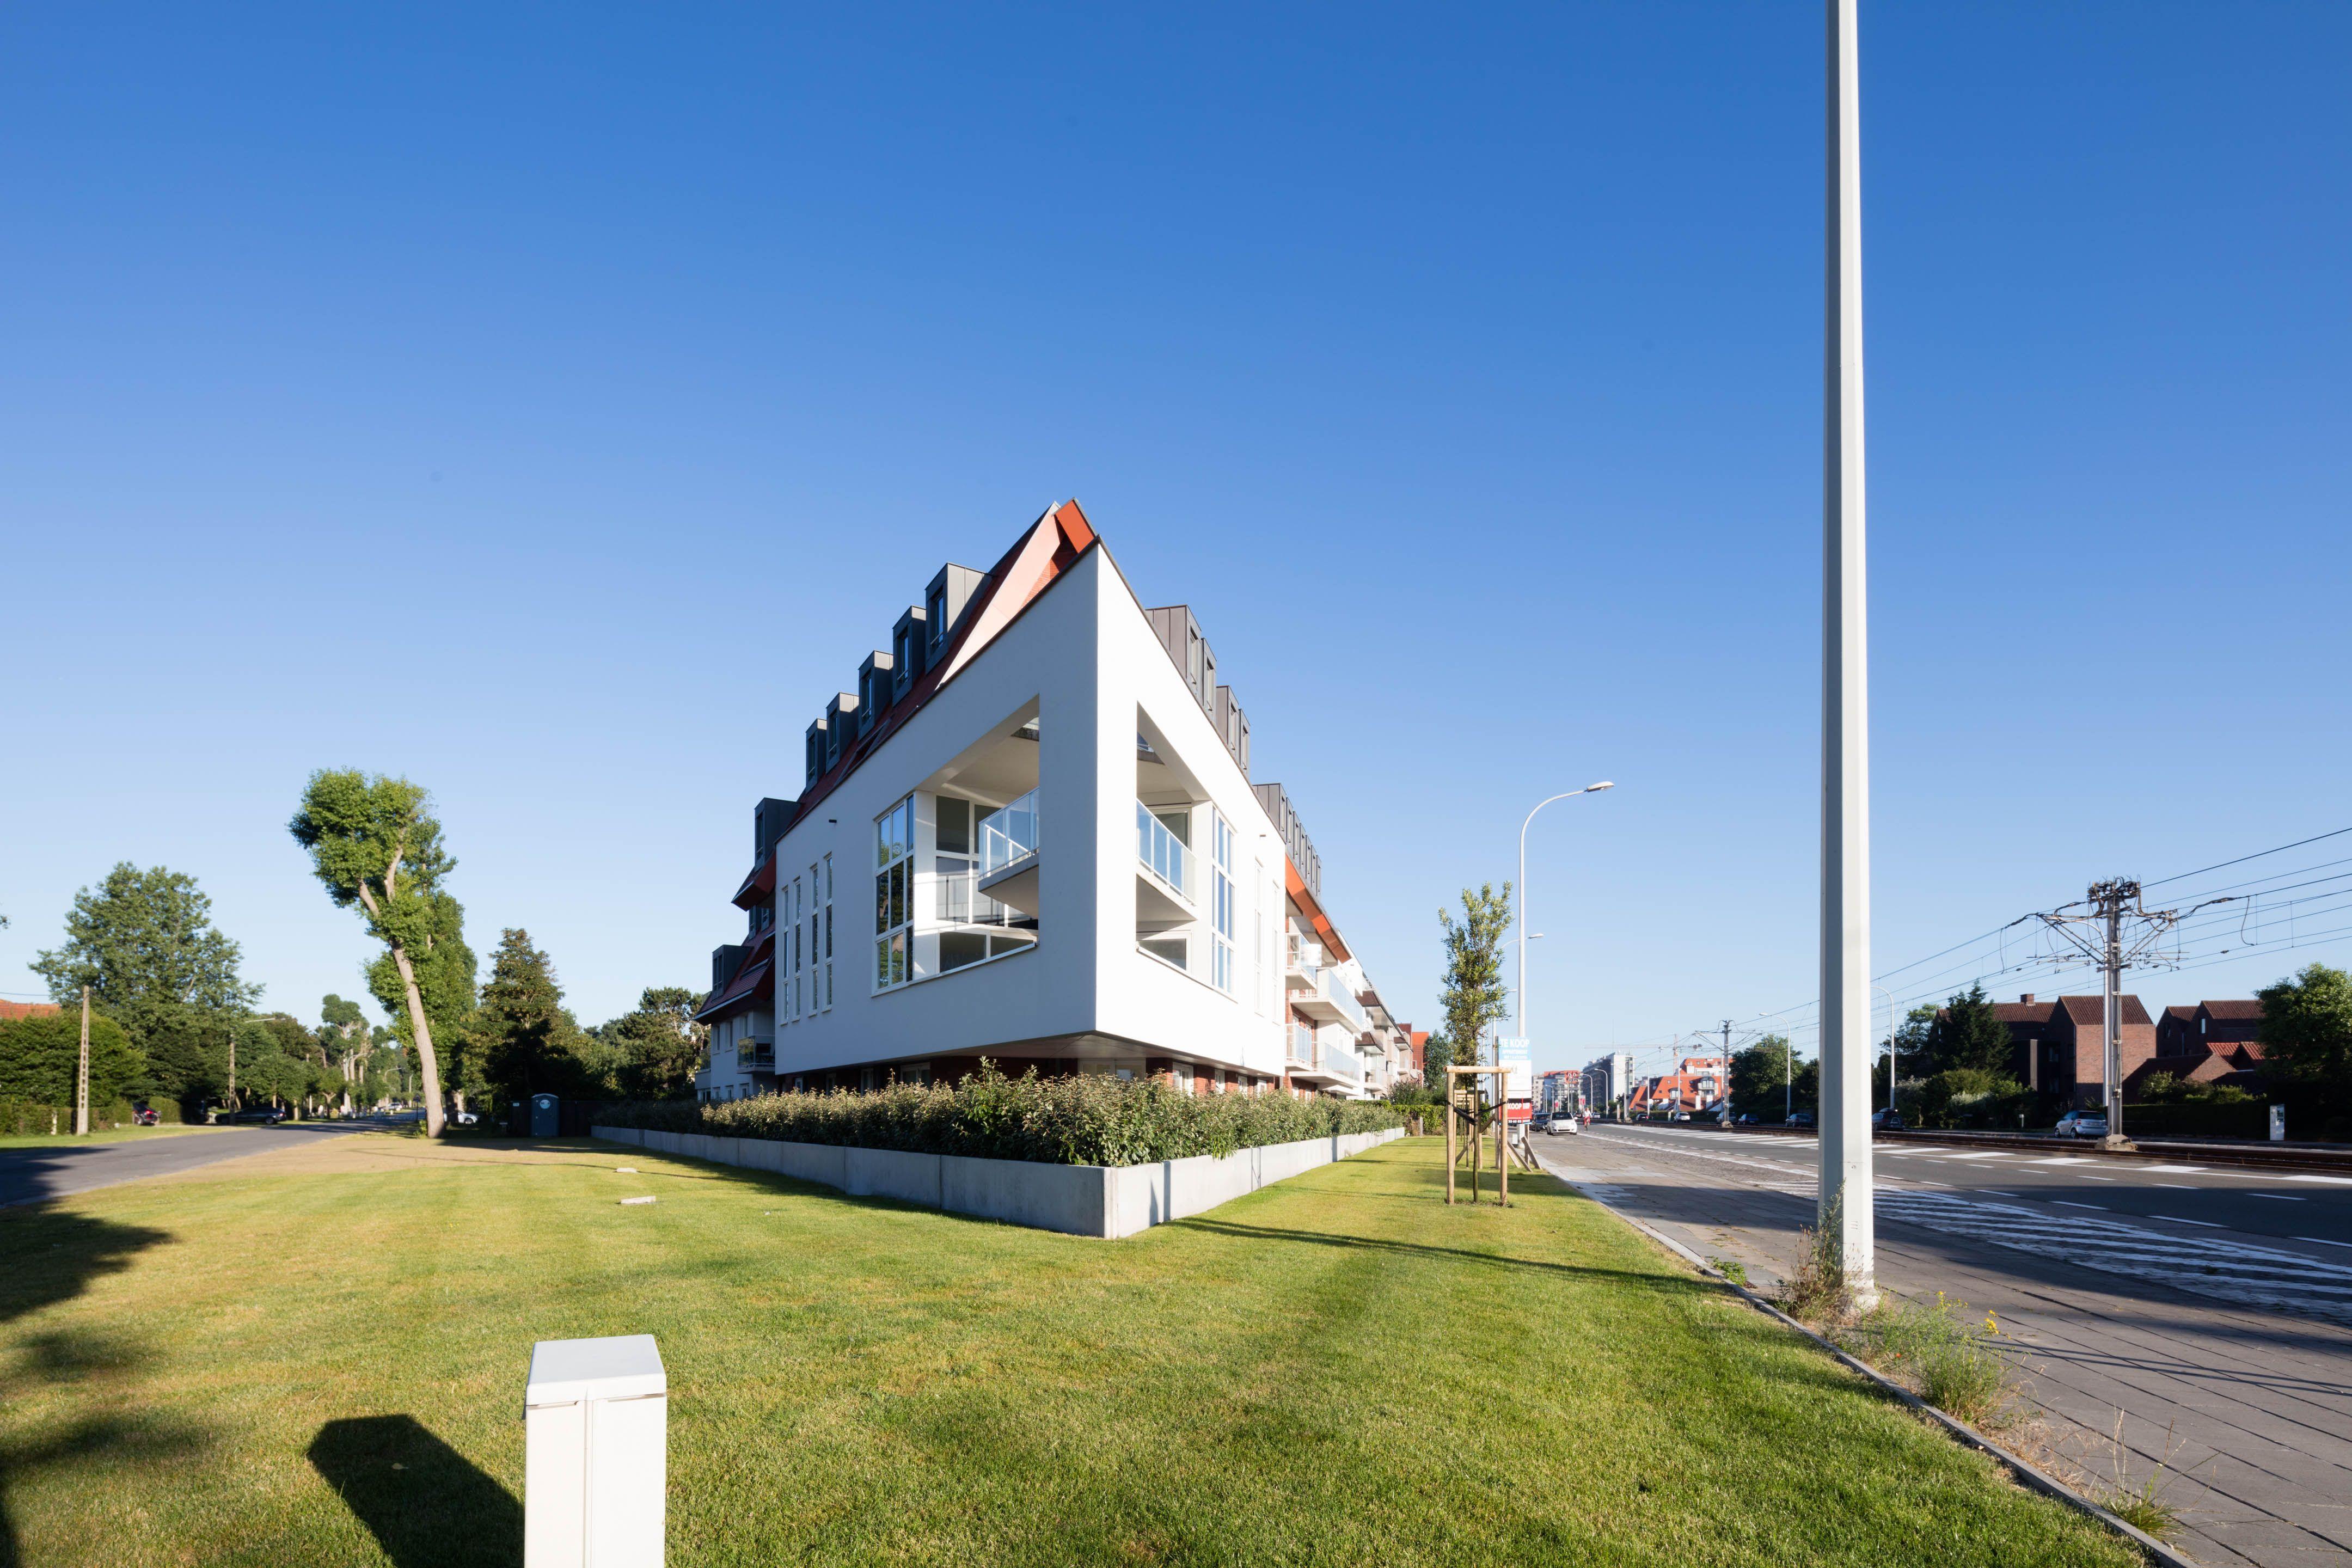 Appartement Residentie Villa Crombez Nieuwpoort - 9262